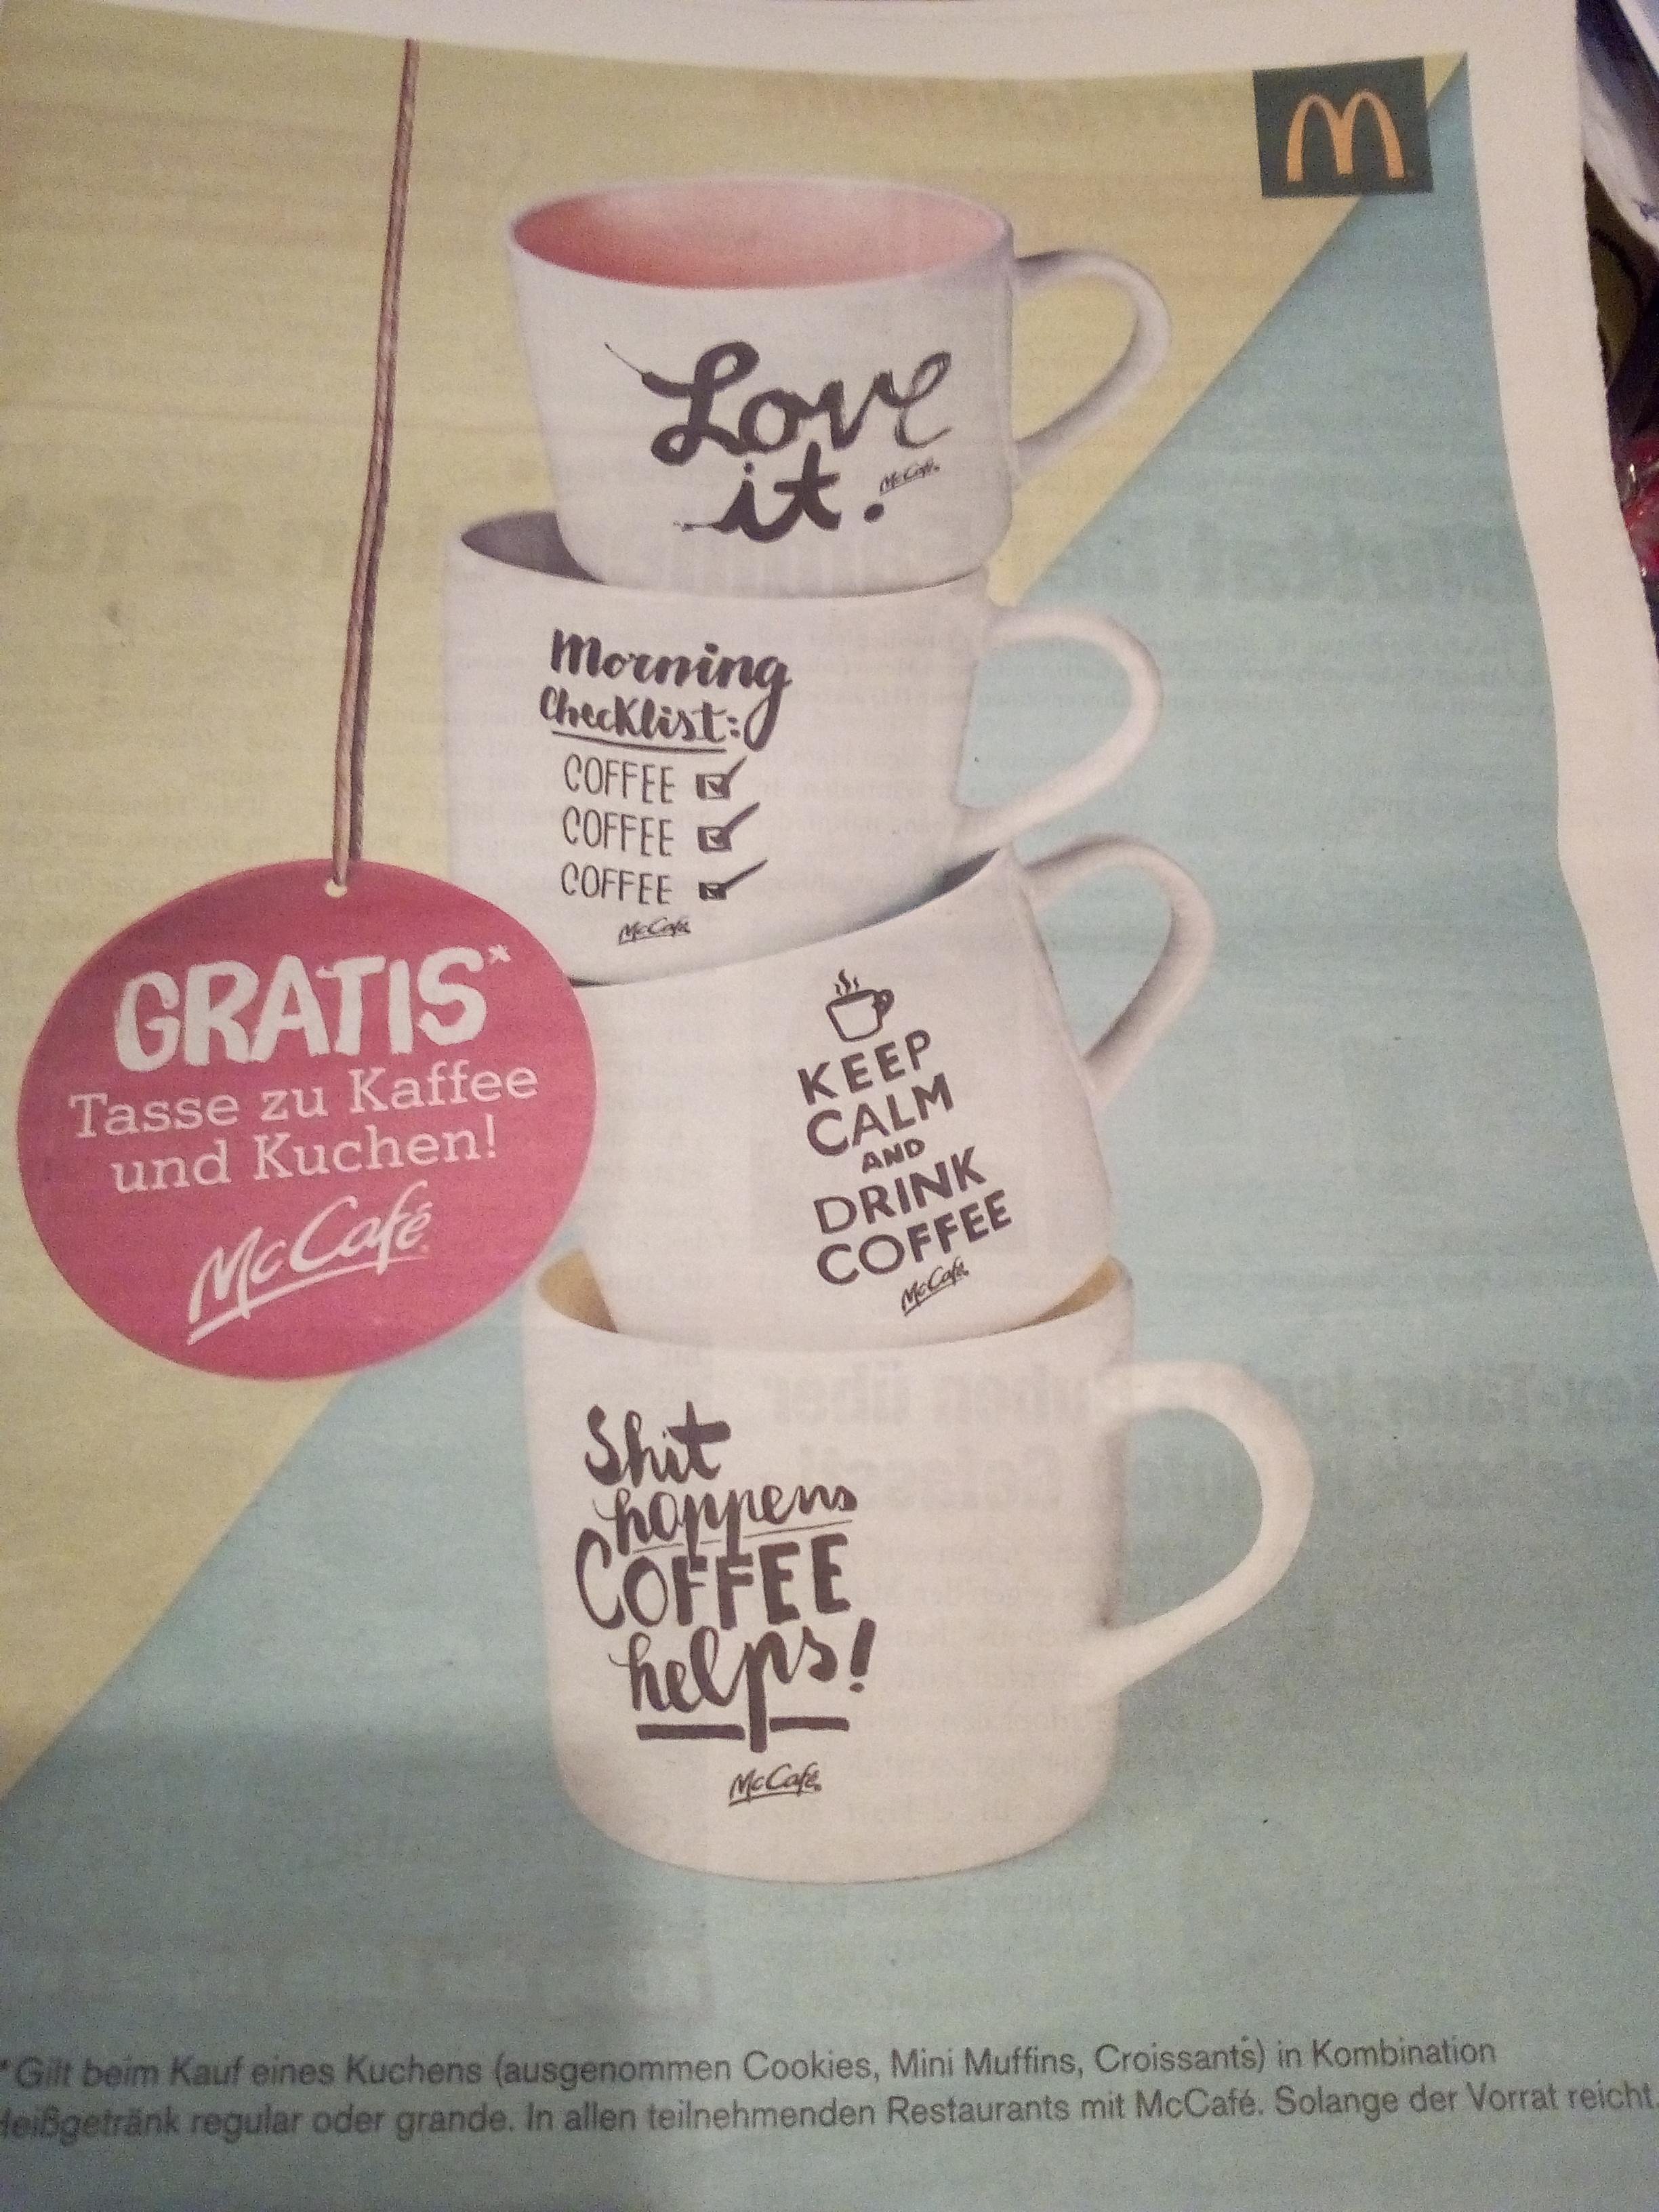 Gratis Kaffee-Tasse abstauben